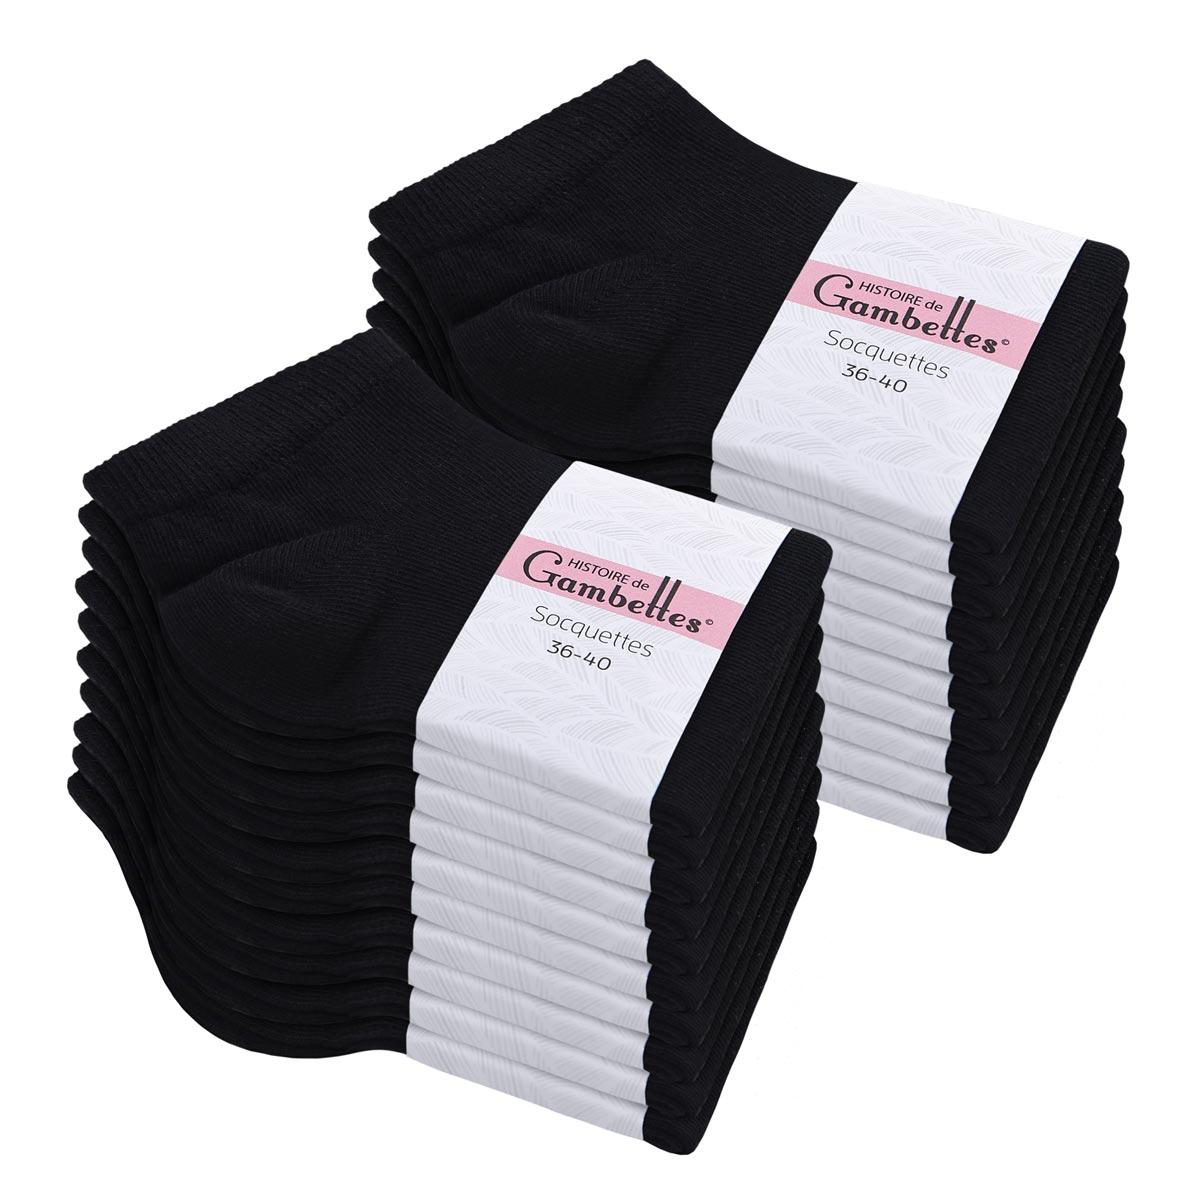 CH-00542_E12-1--_Soquettes-coton-femme-noir-20-paires